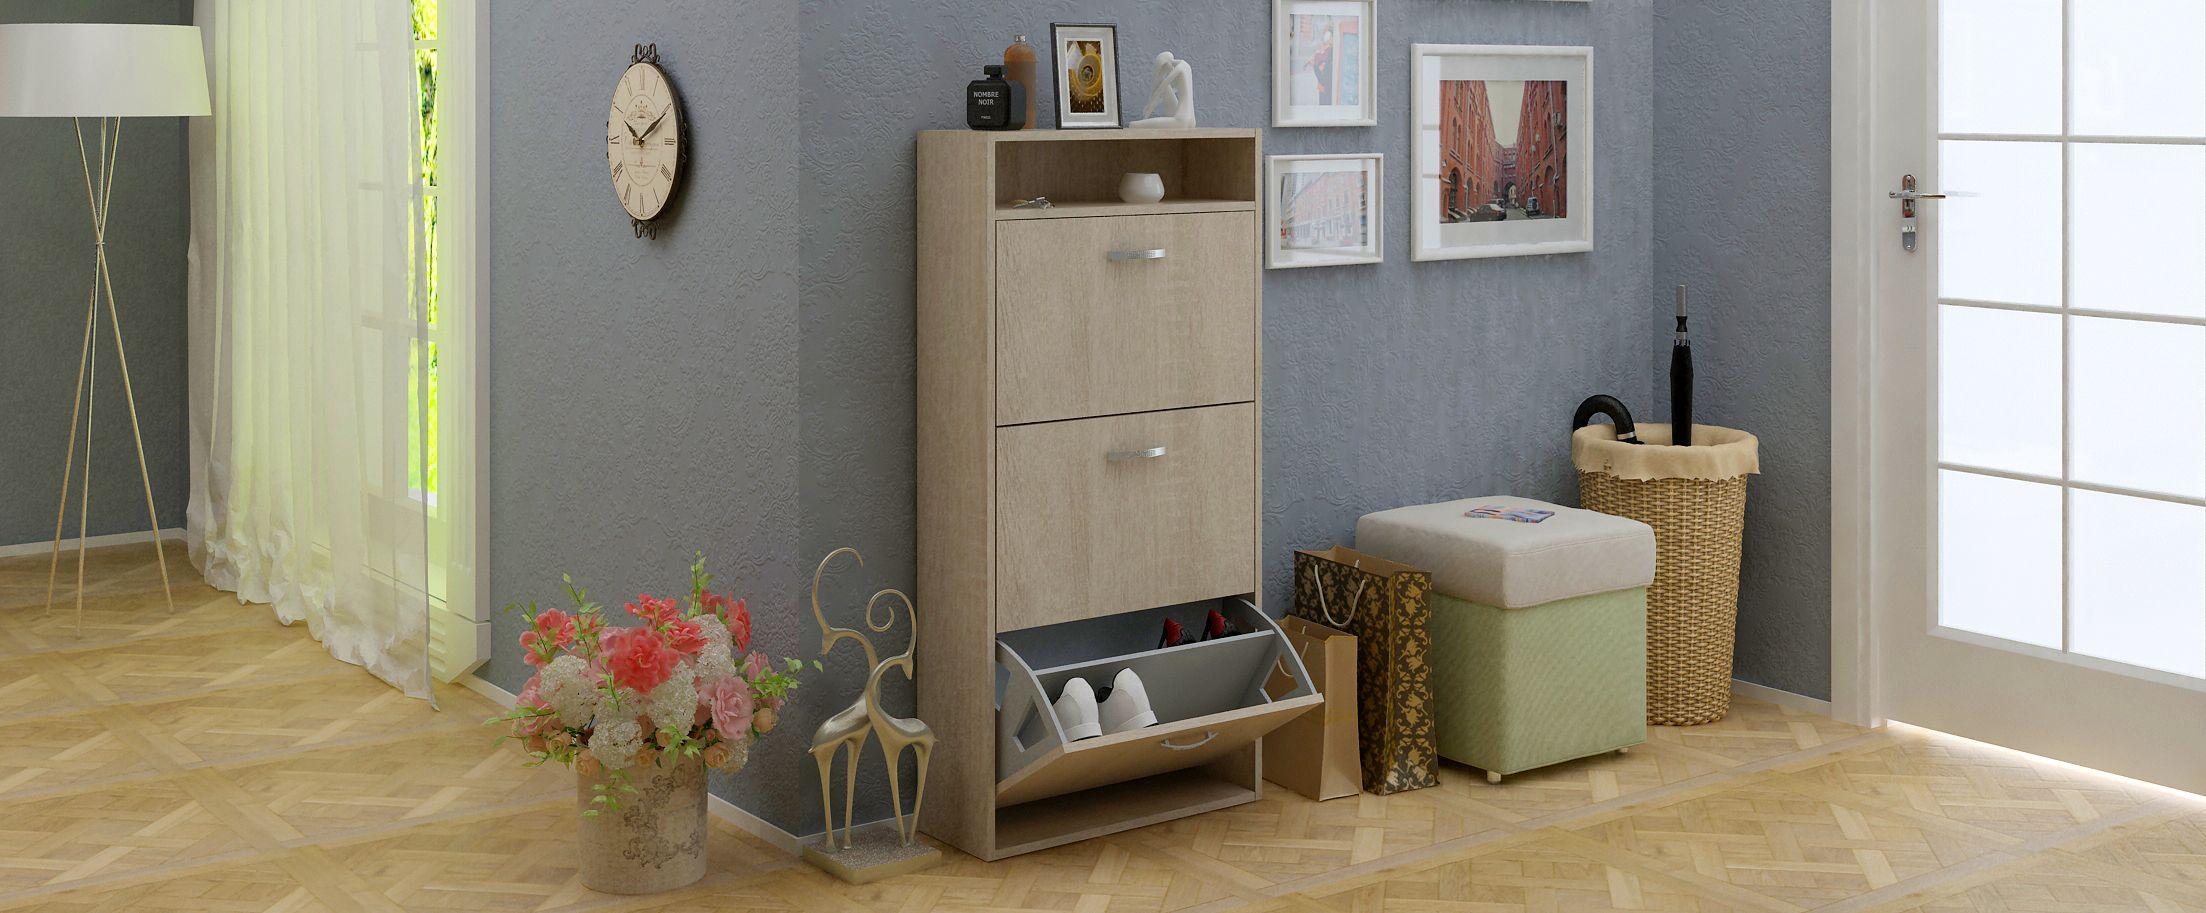 Обувница Милан 26 Модель 818Обувница Милан 26 — отличный пример функциональности при небольших размерах.<br>